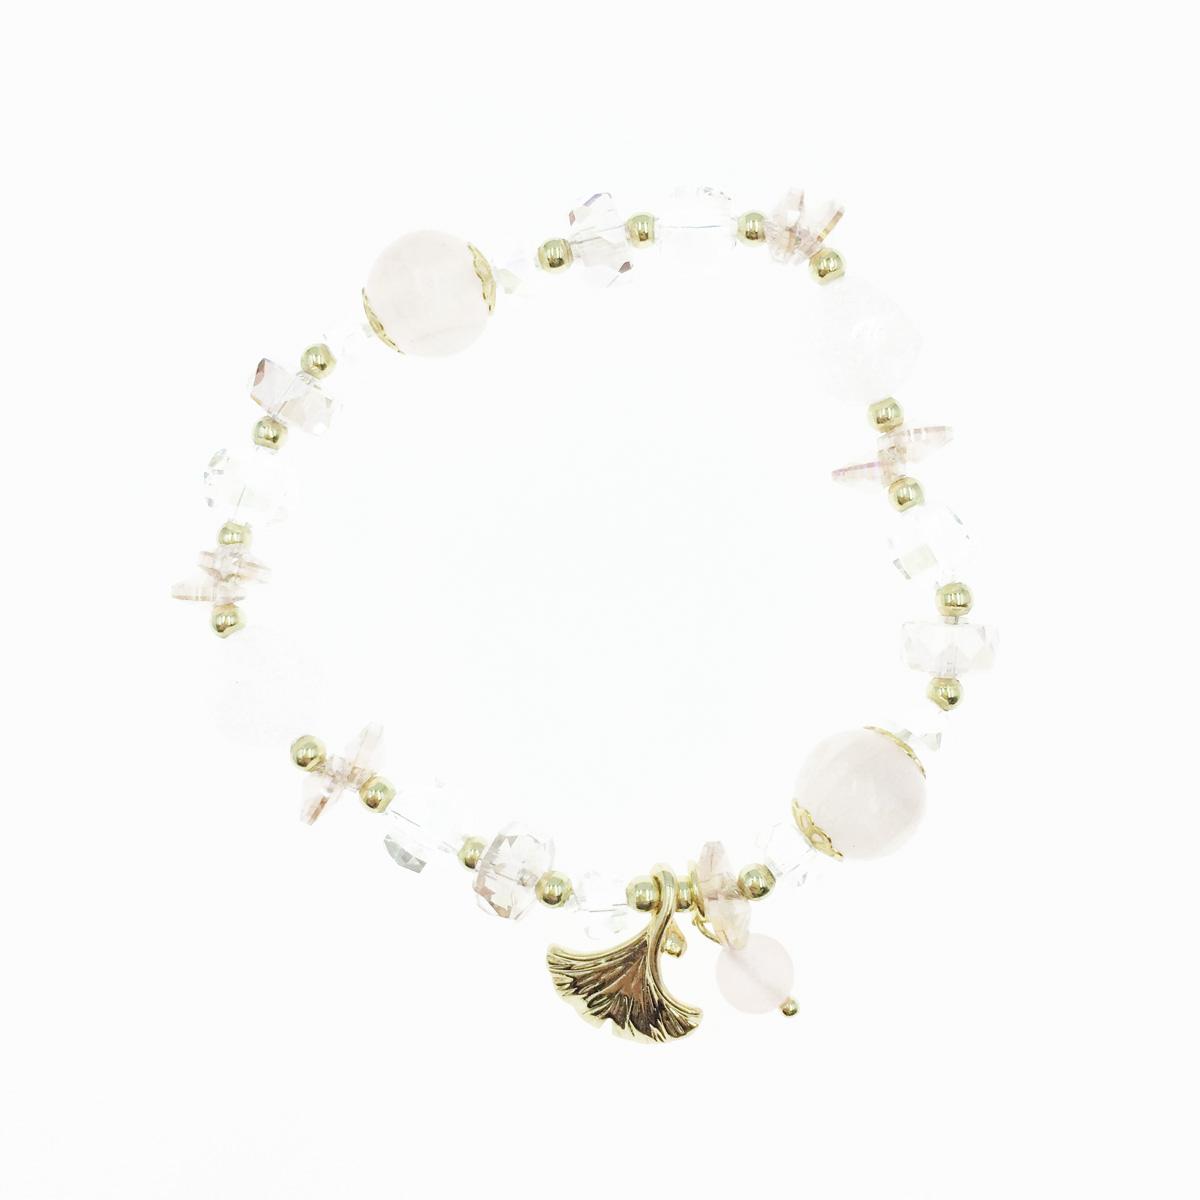 韓國 水晶 串珠 貝殼 墜飾 手鍊